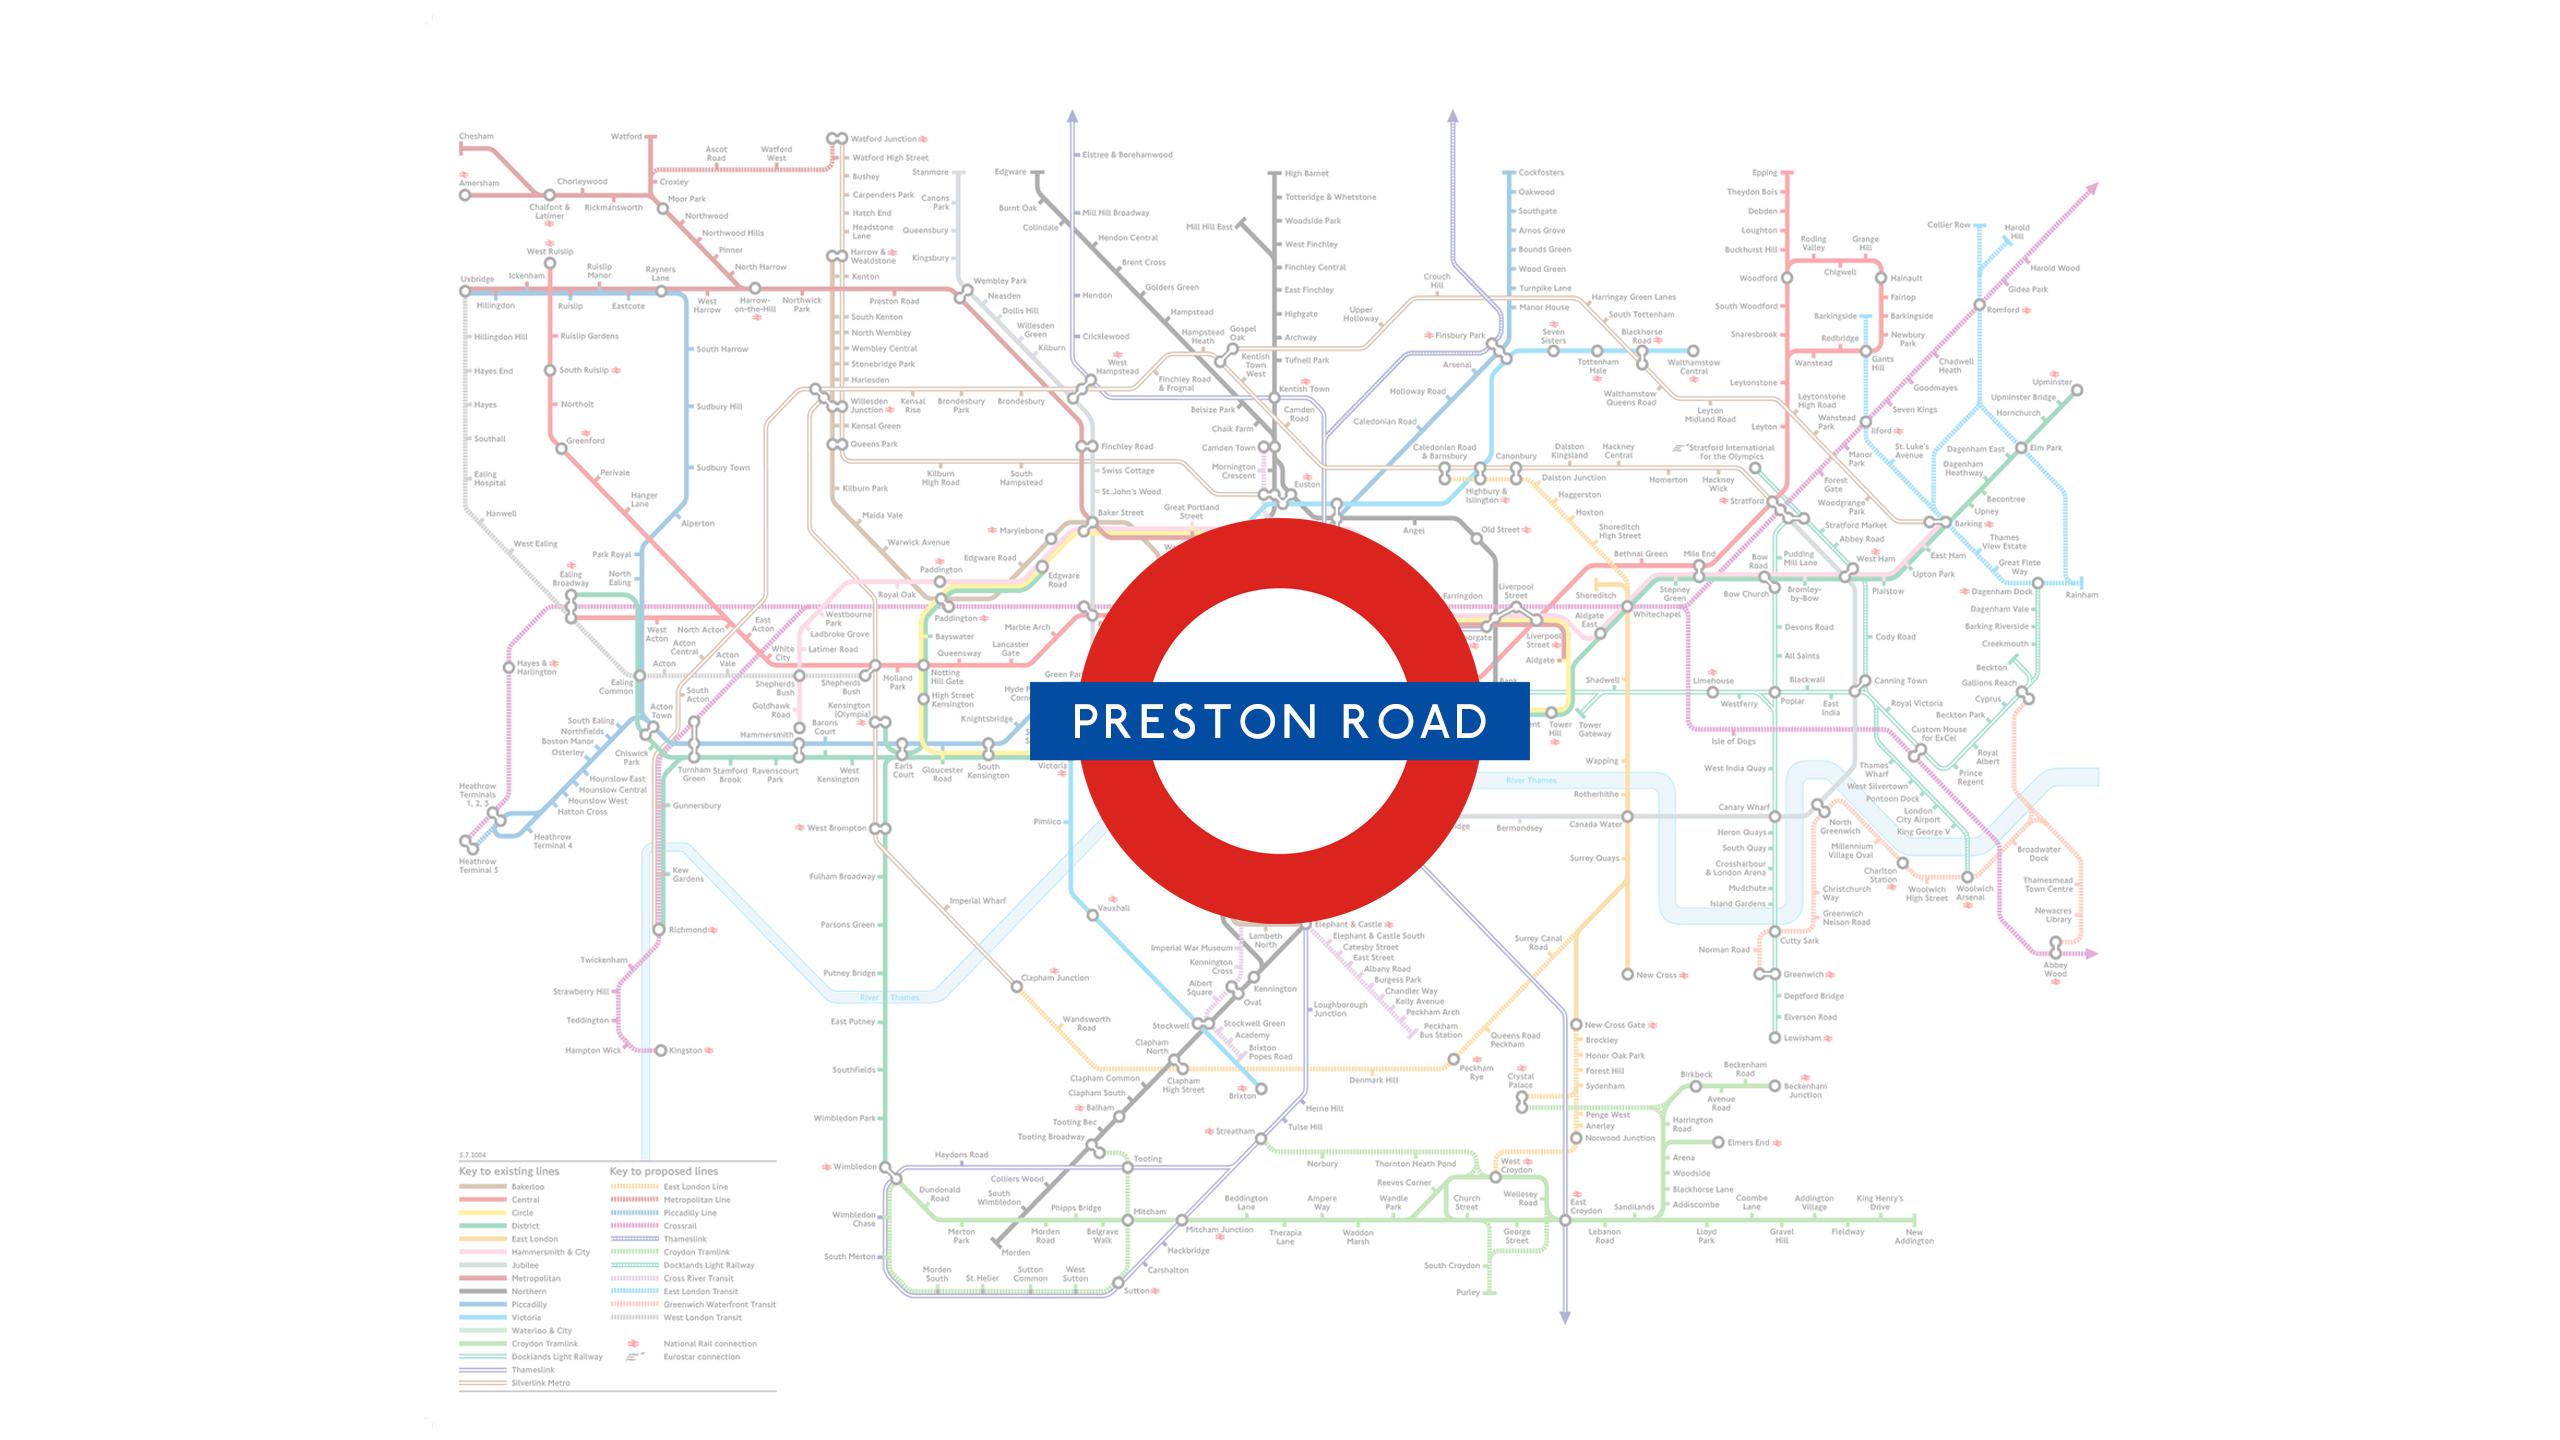 Preston Road (Map)